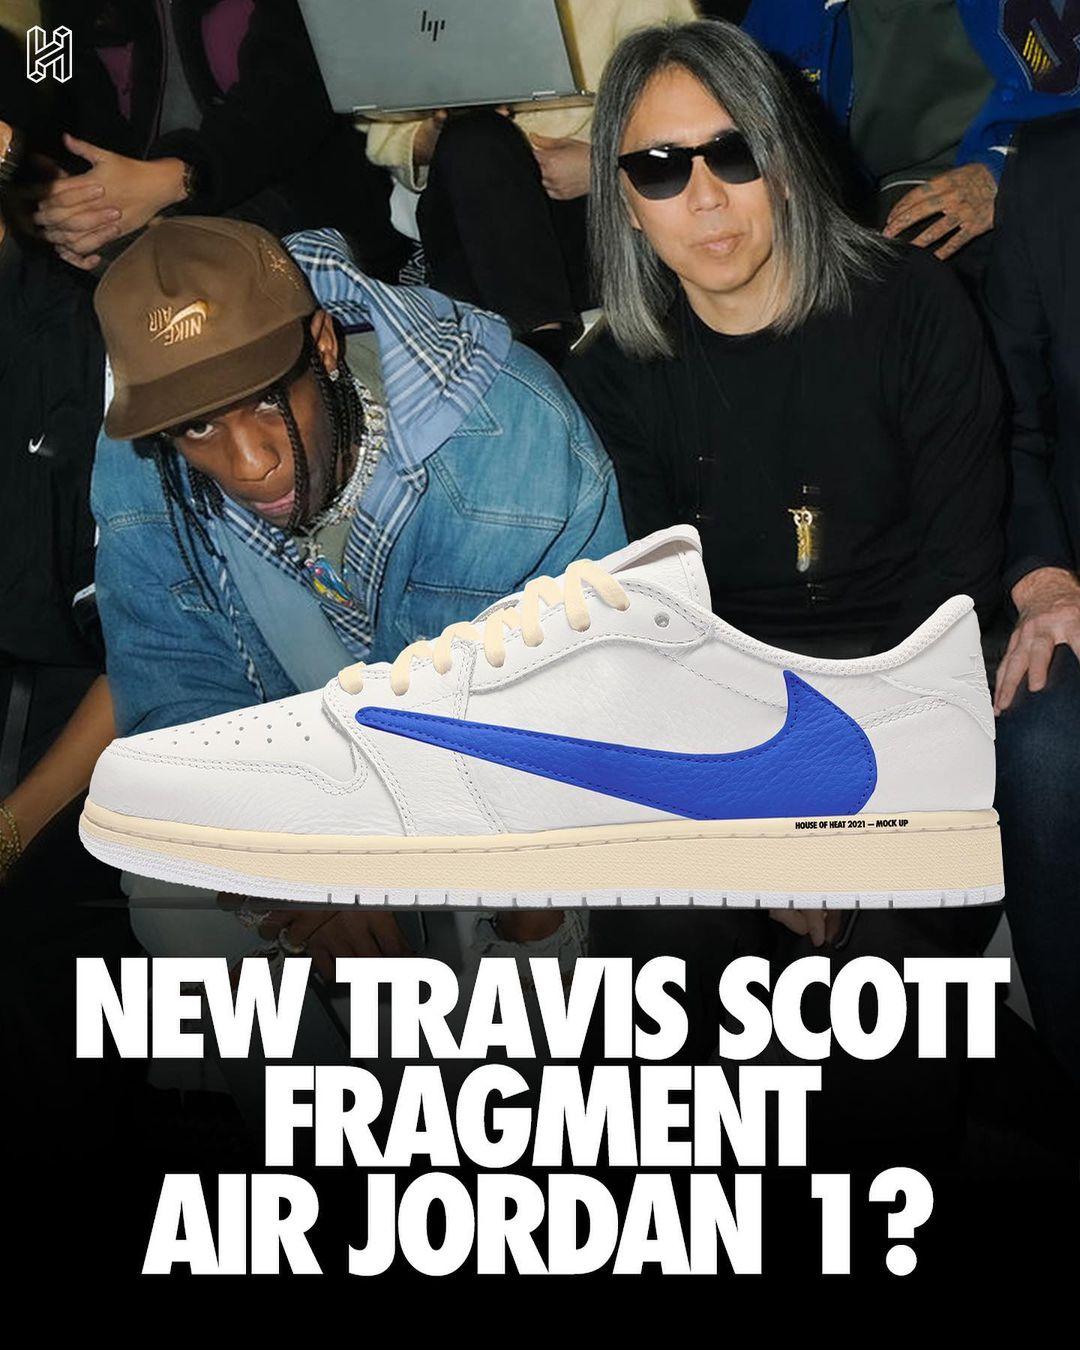 Travis Scott,Air Jordan 1,AJ1,  藤原浩上脚新倒钩 TS x AJ1!又是从未曝光的三方联名?!